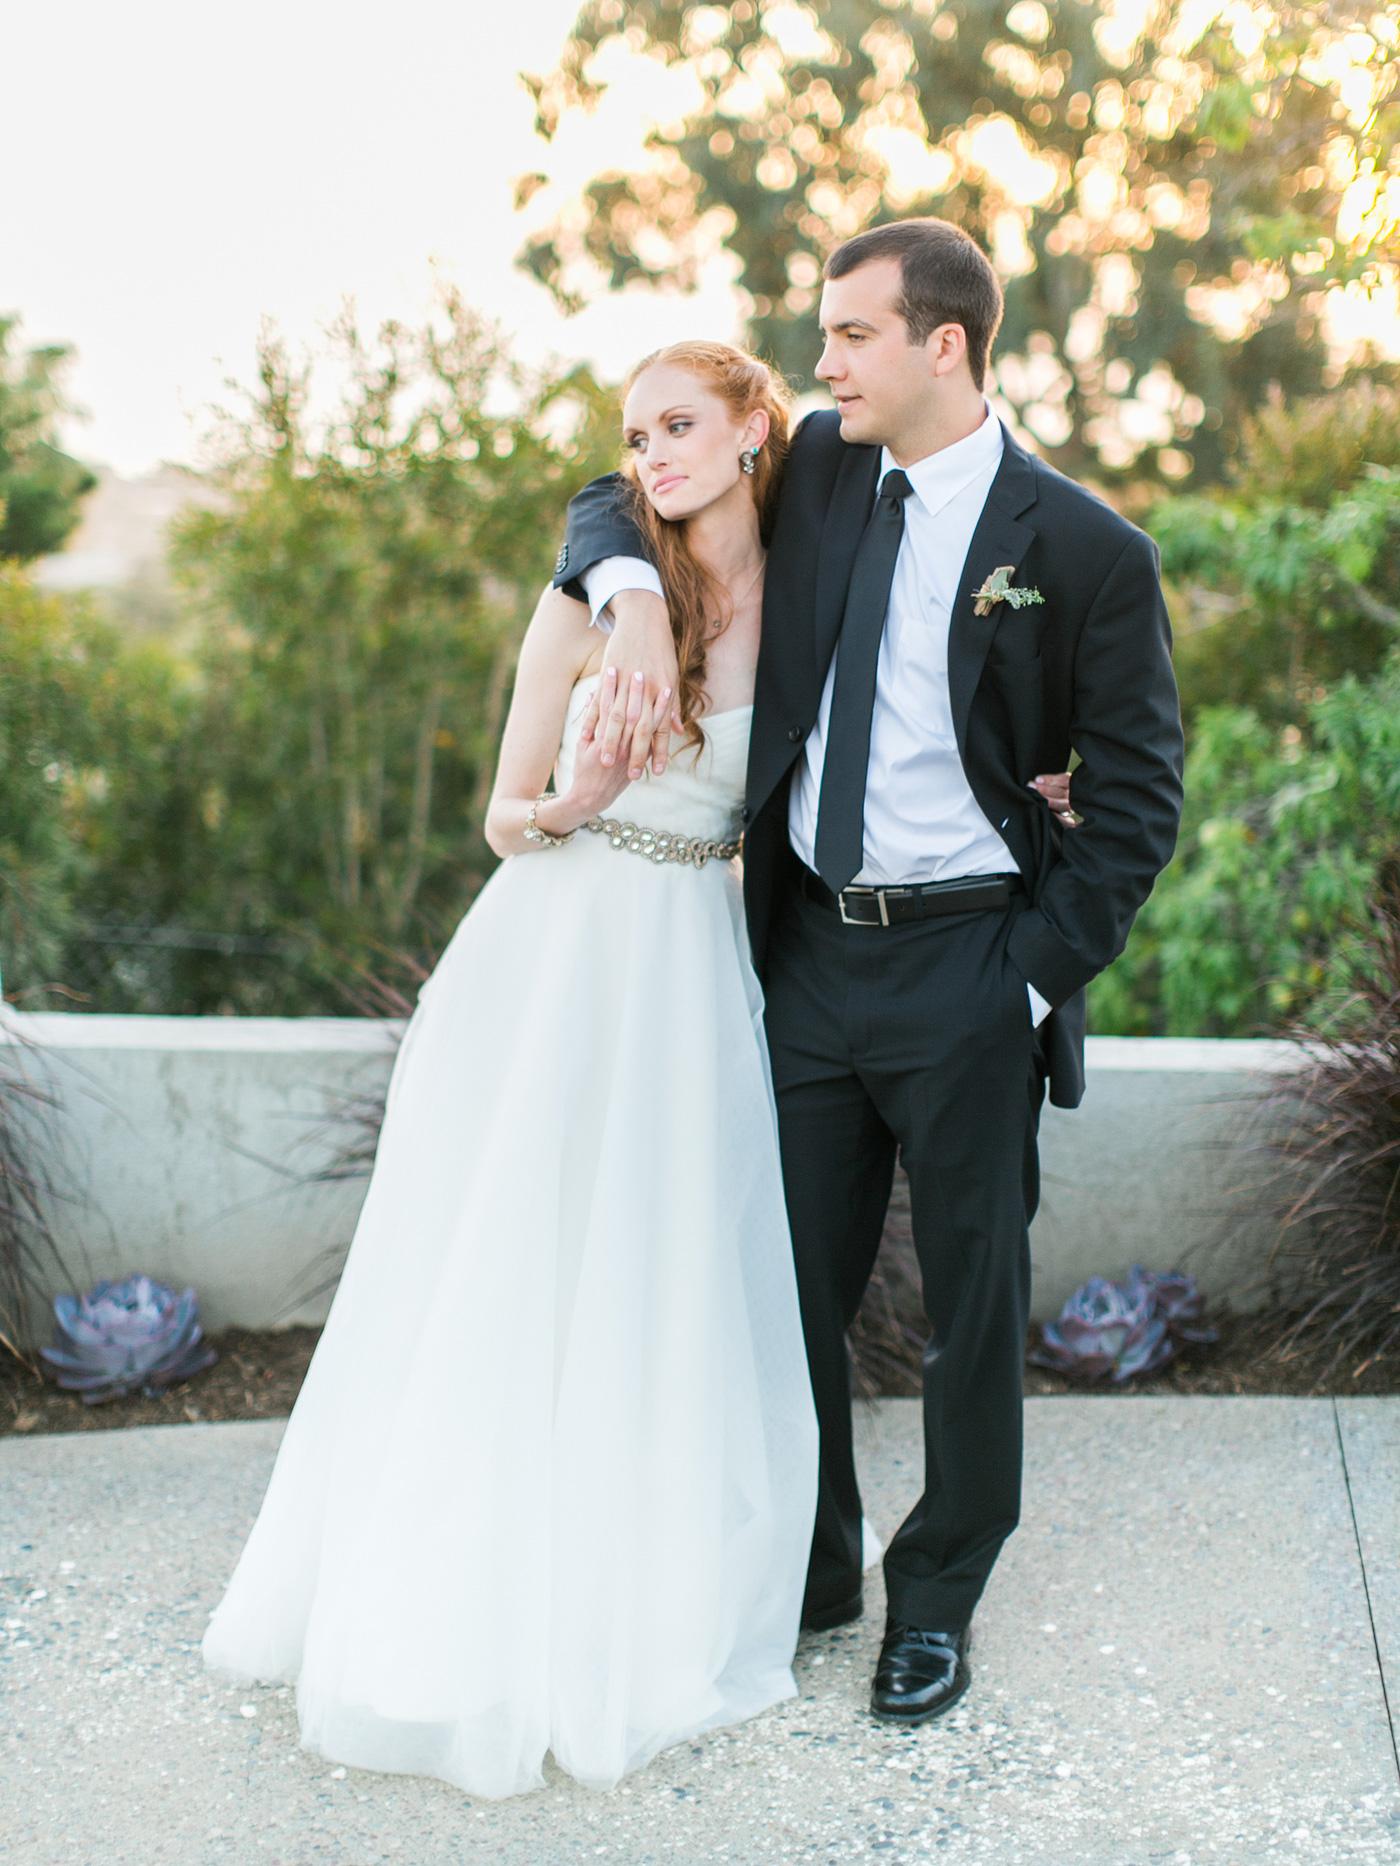 San-diego-wedding-35